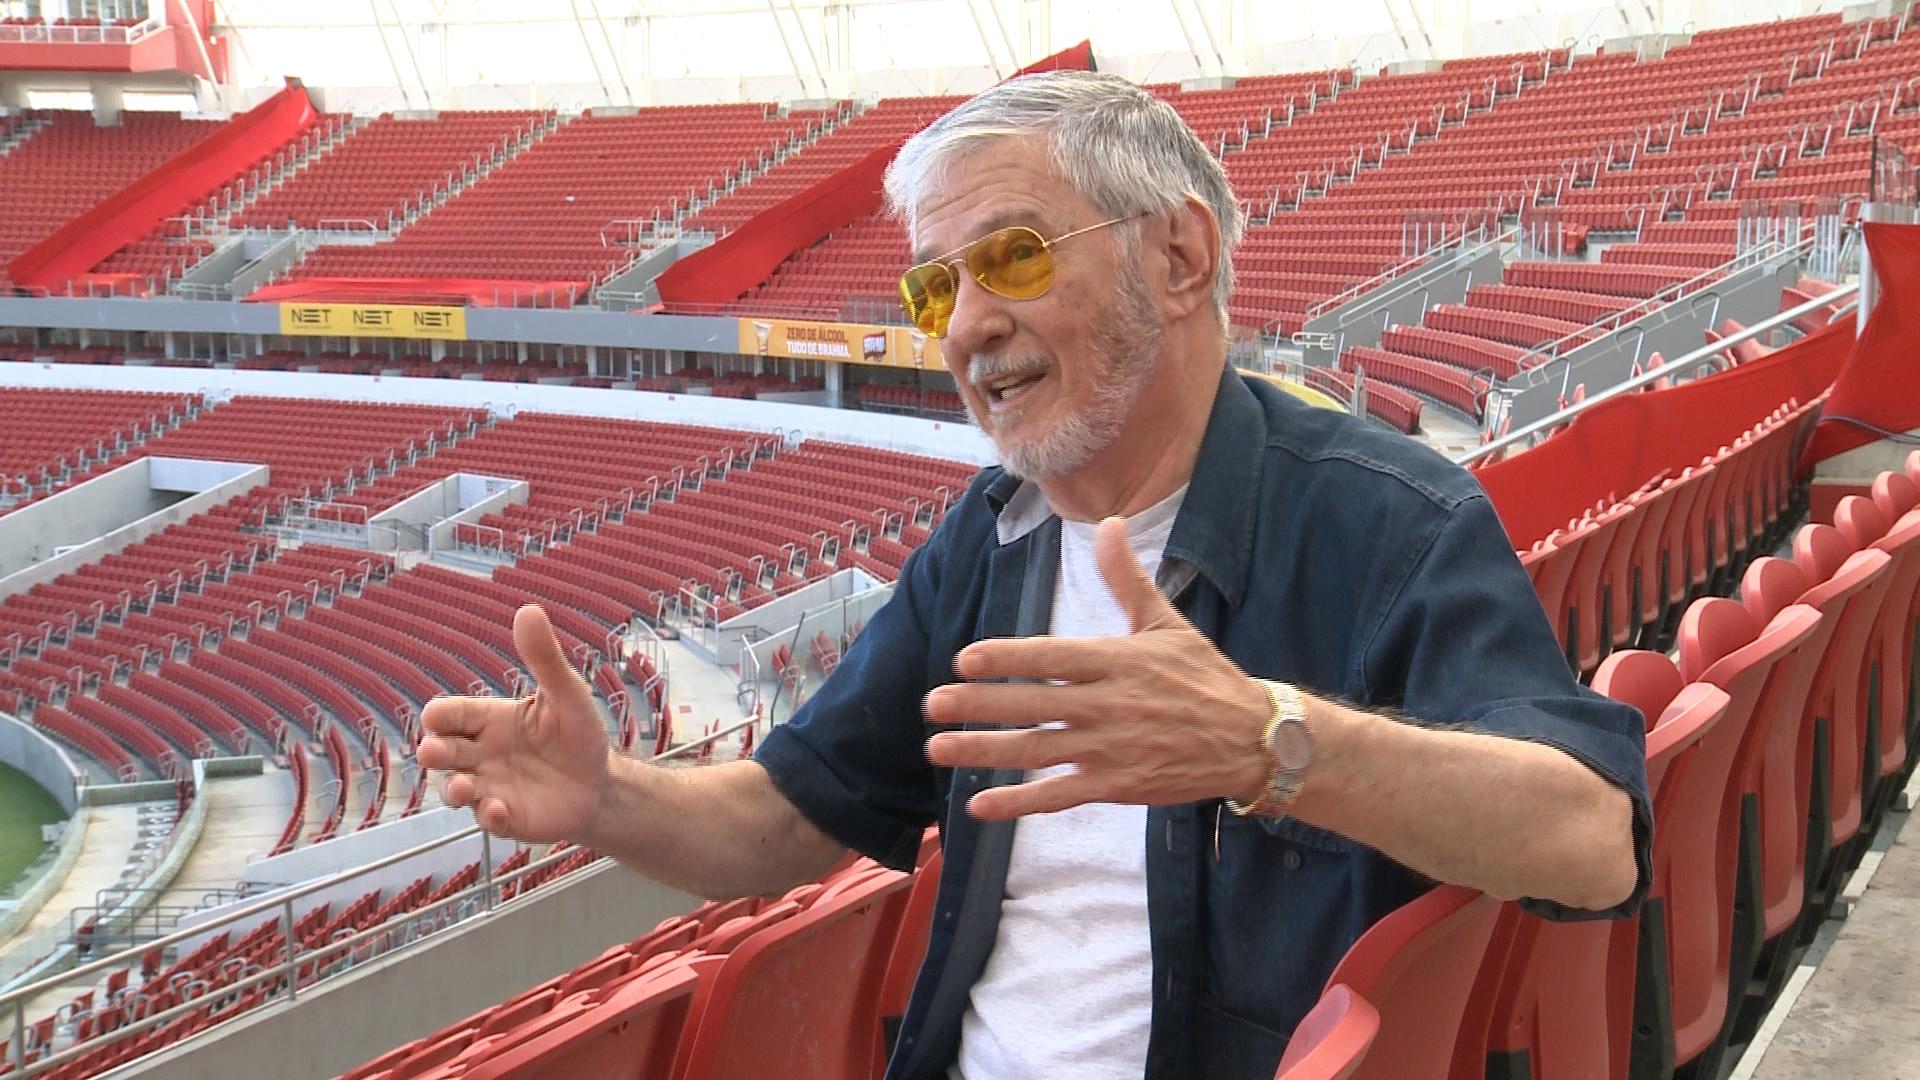 Morre Ibsen Pinheiro. Político, jornalista, procurador de justiça e grande colorado